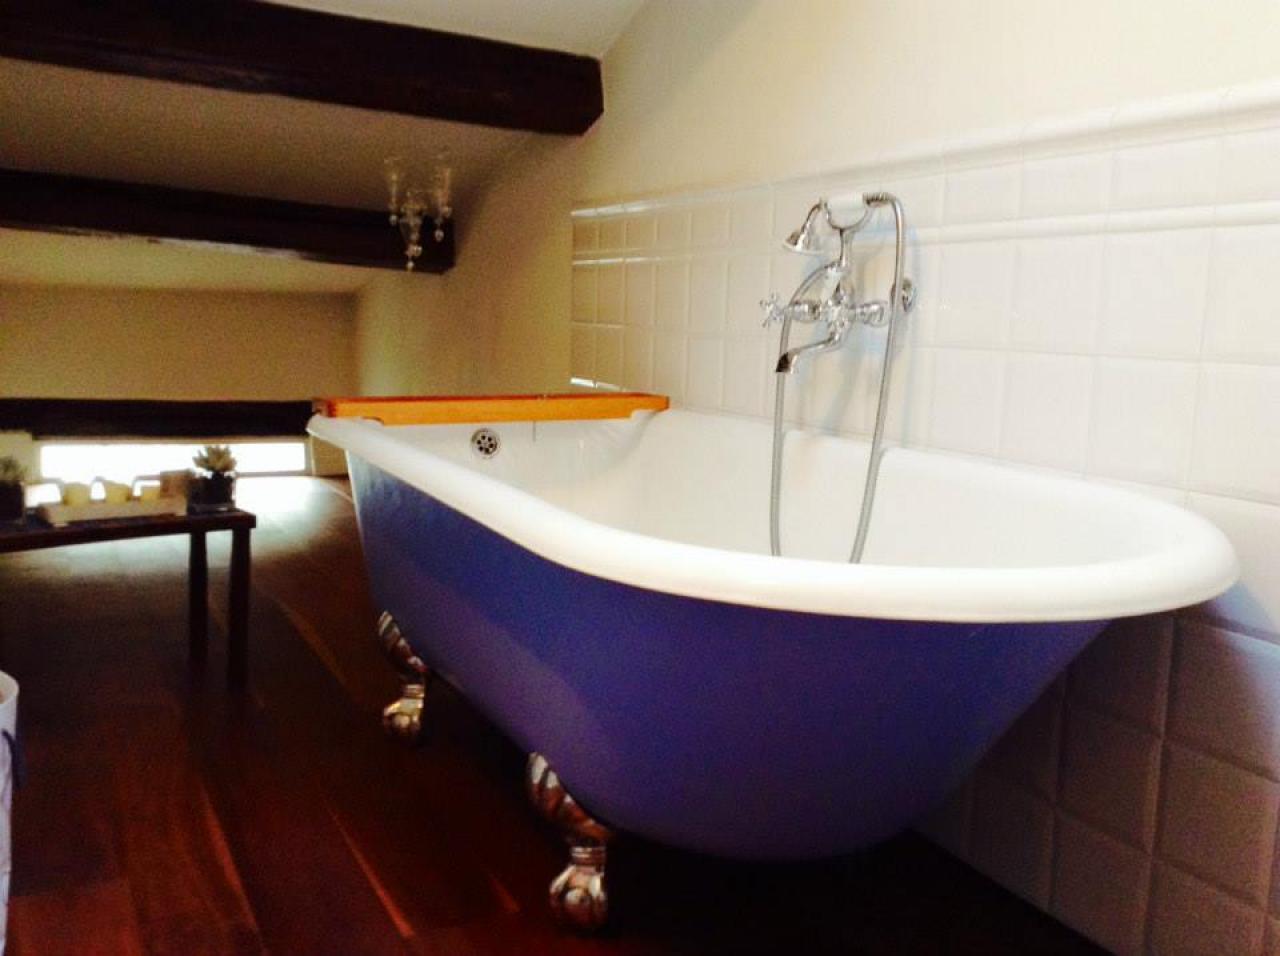 Come Si Chiama La Vasca Da Bagno In Inglese : La vasca da bagno a vicenza fratelli pellizzari